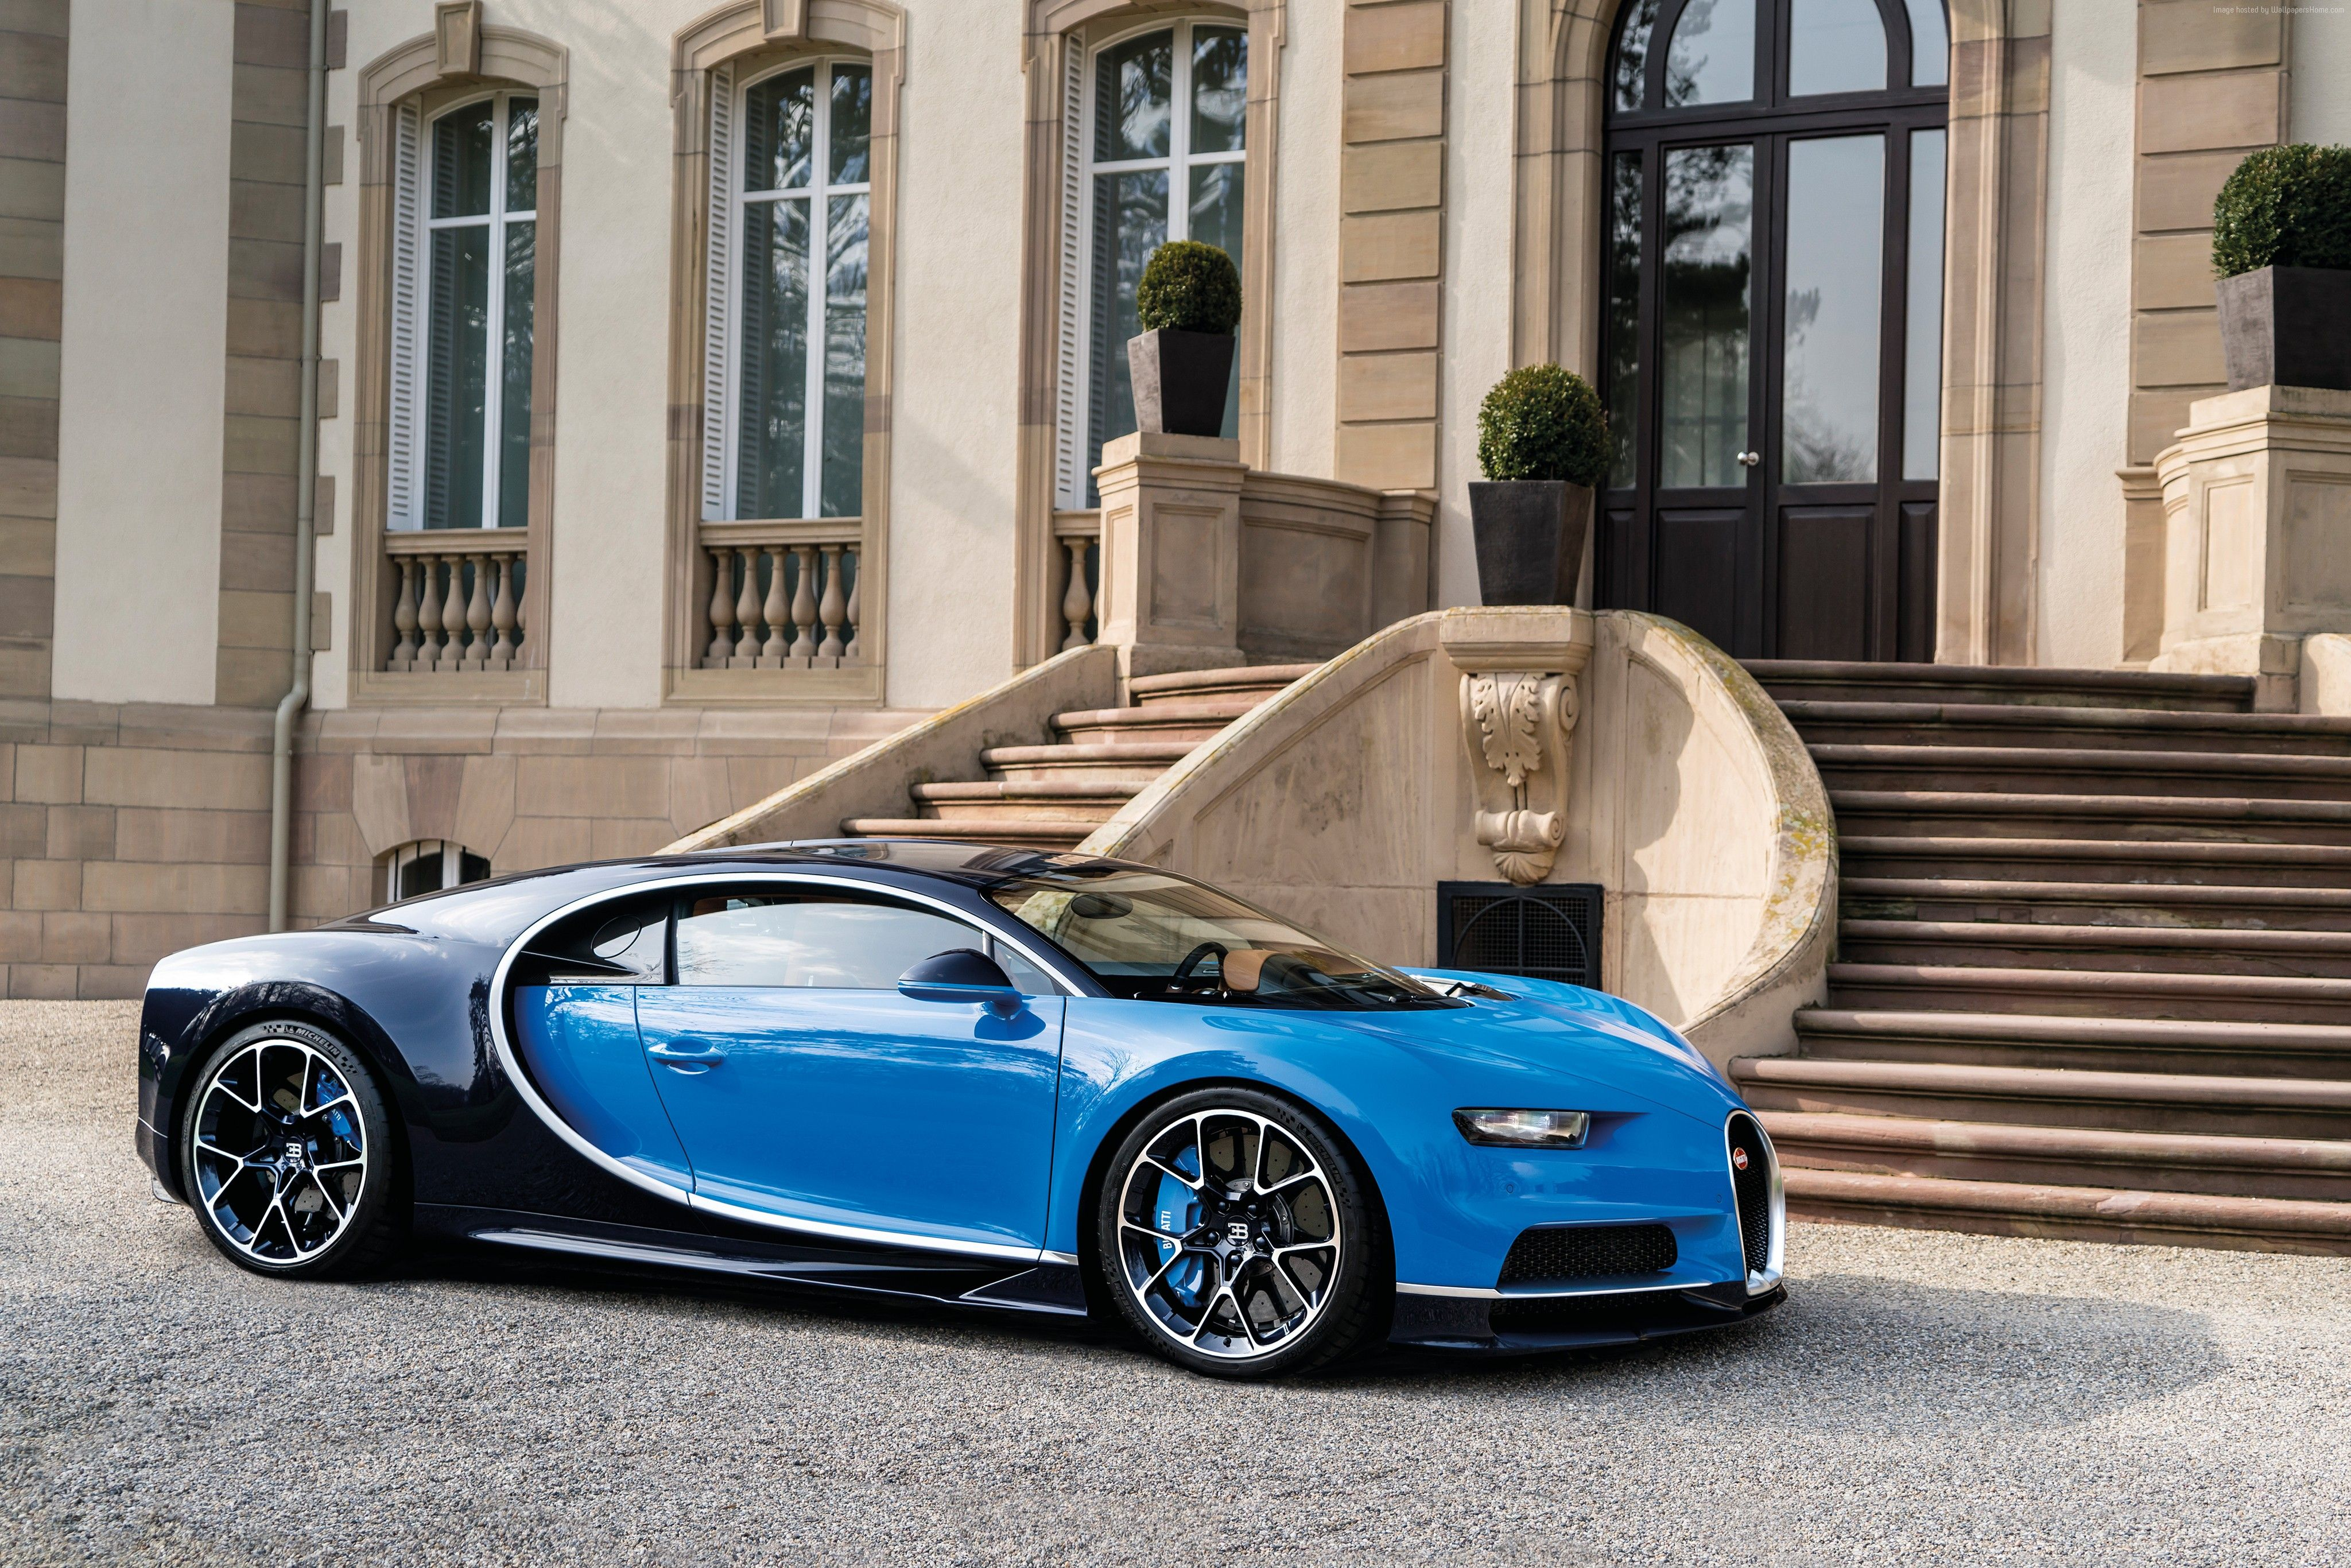 Wallpaper Bugatti Chiron Geneva Auto Show Hypercar Blue